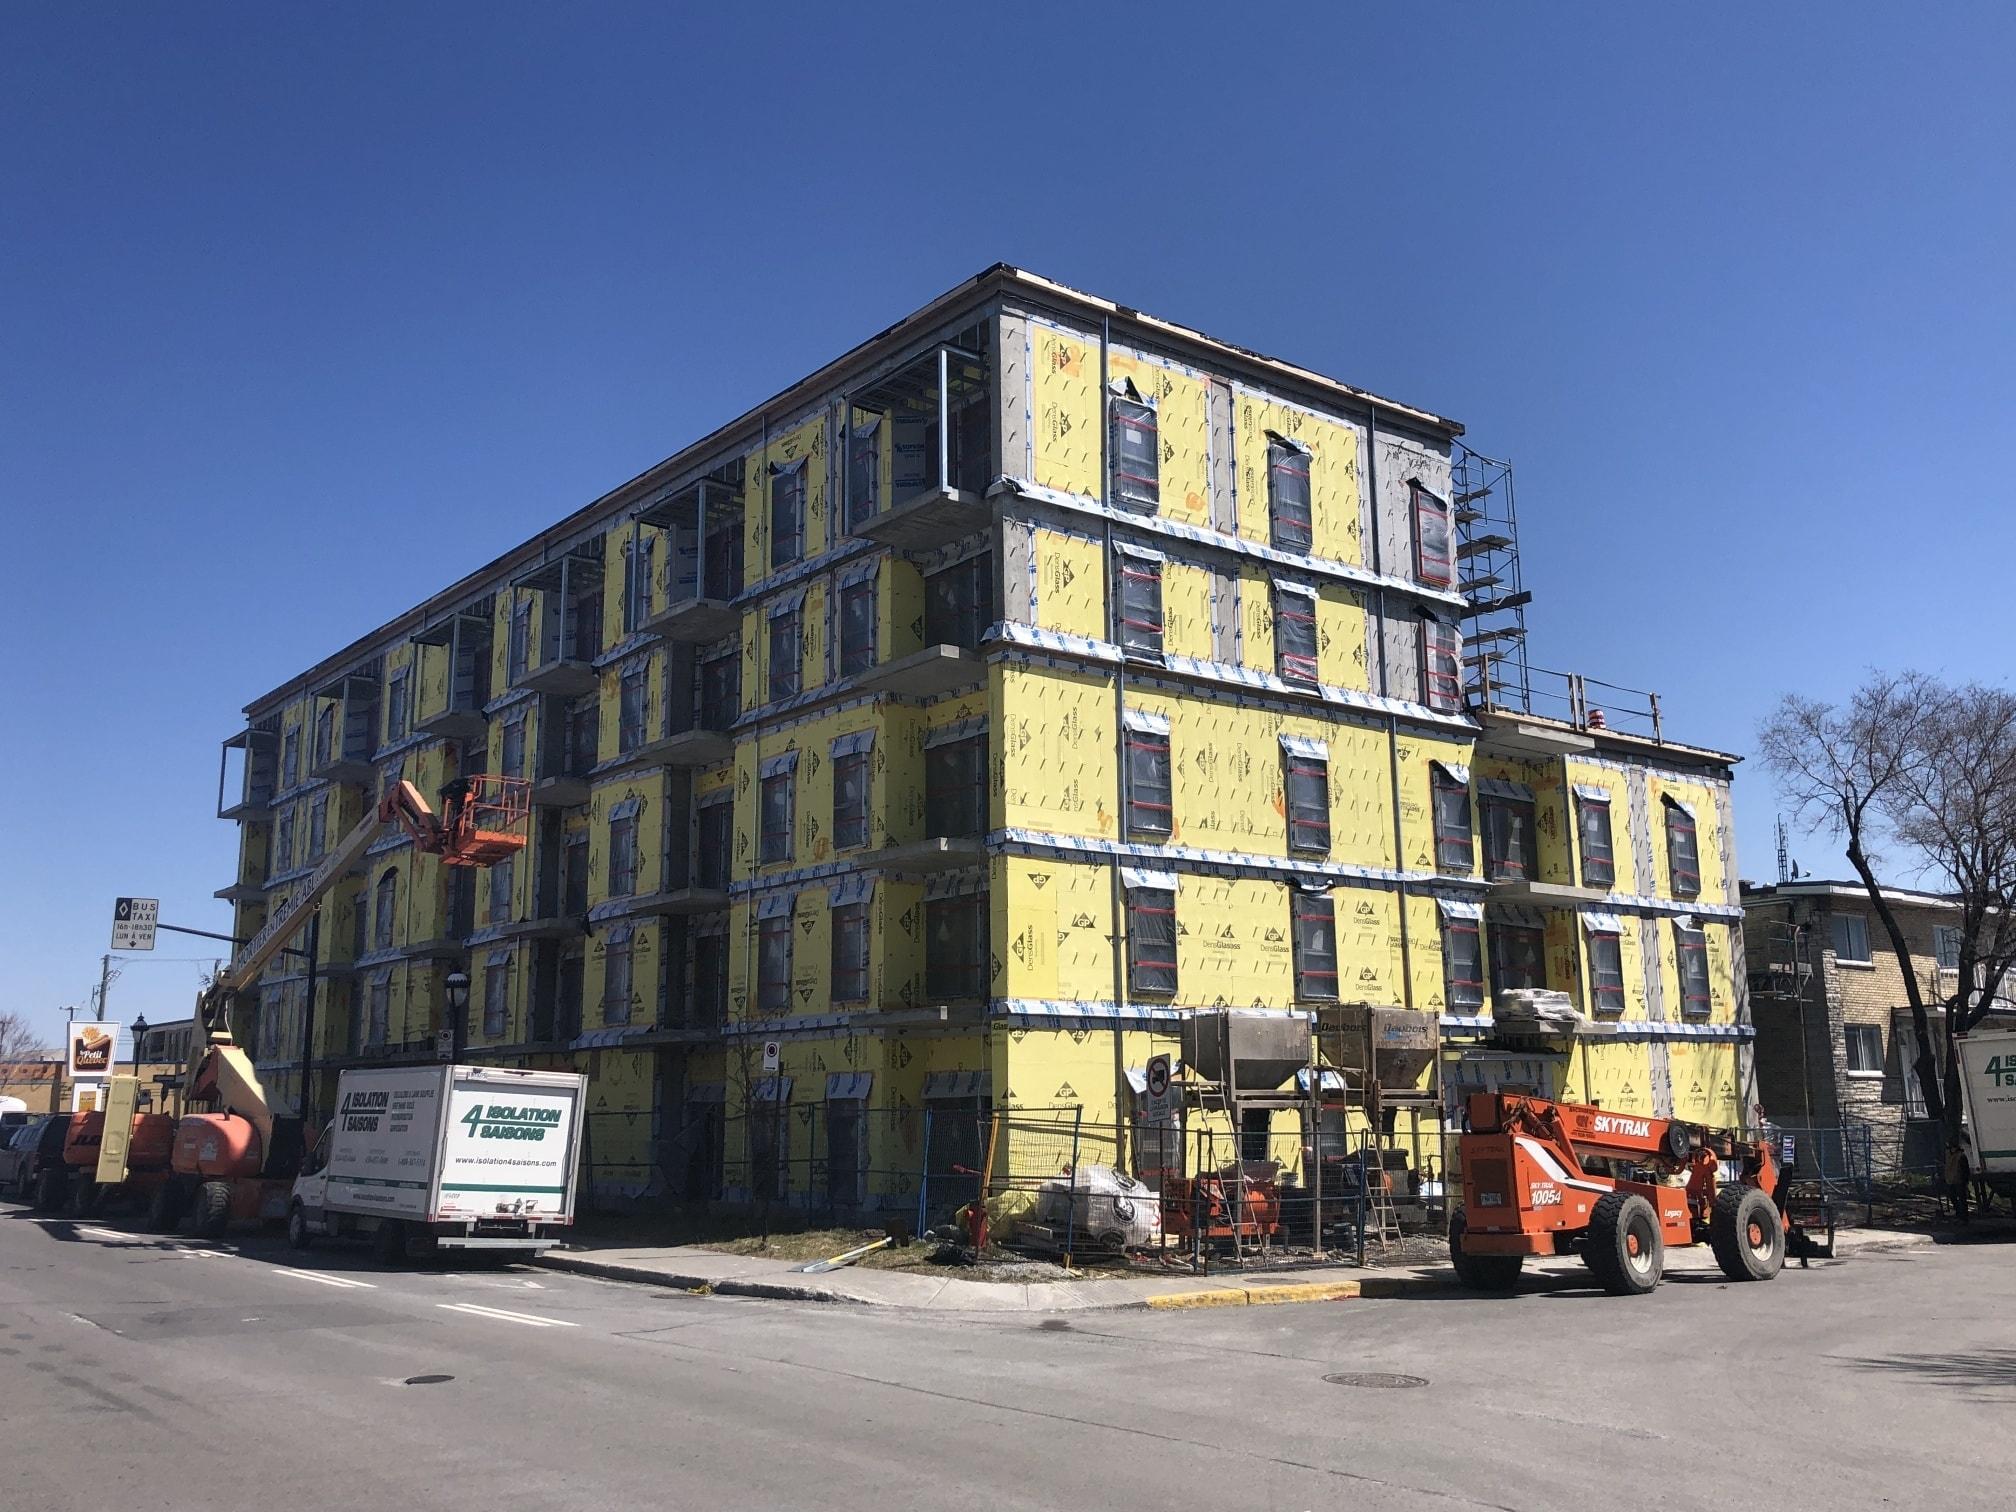 Une vue de côté de l'immeuble en construction.